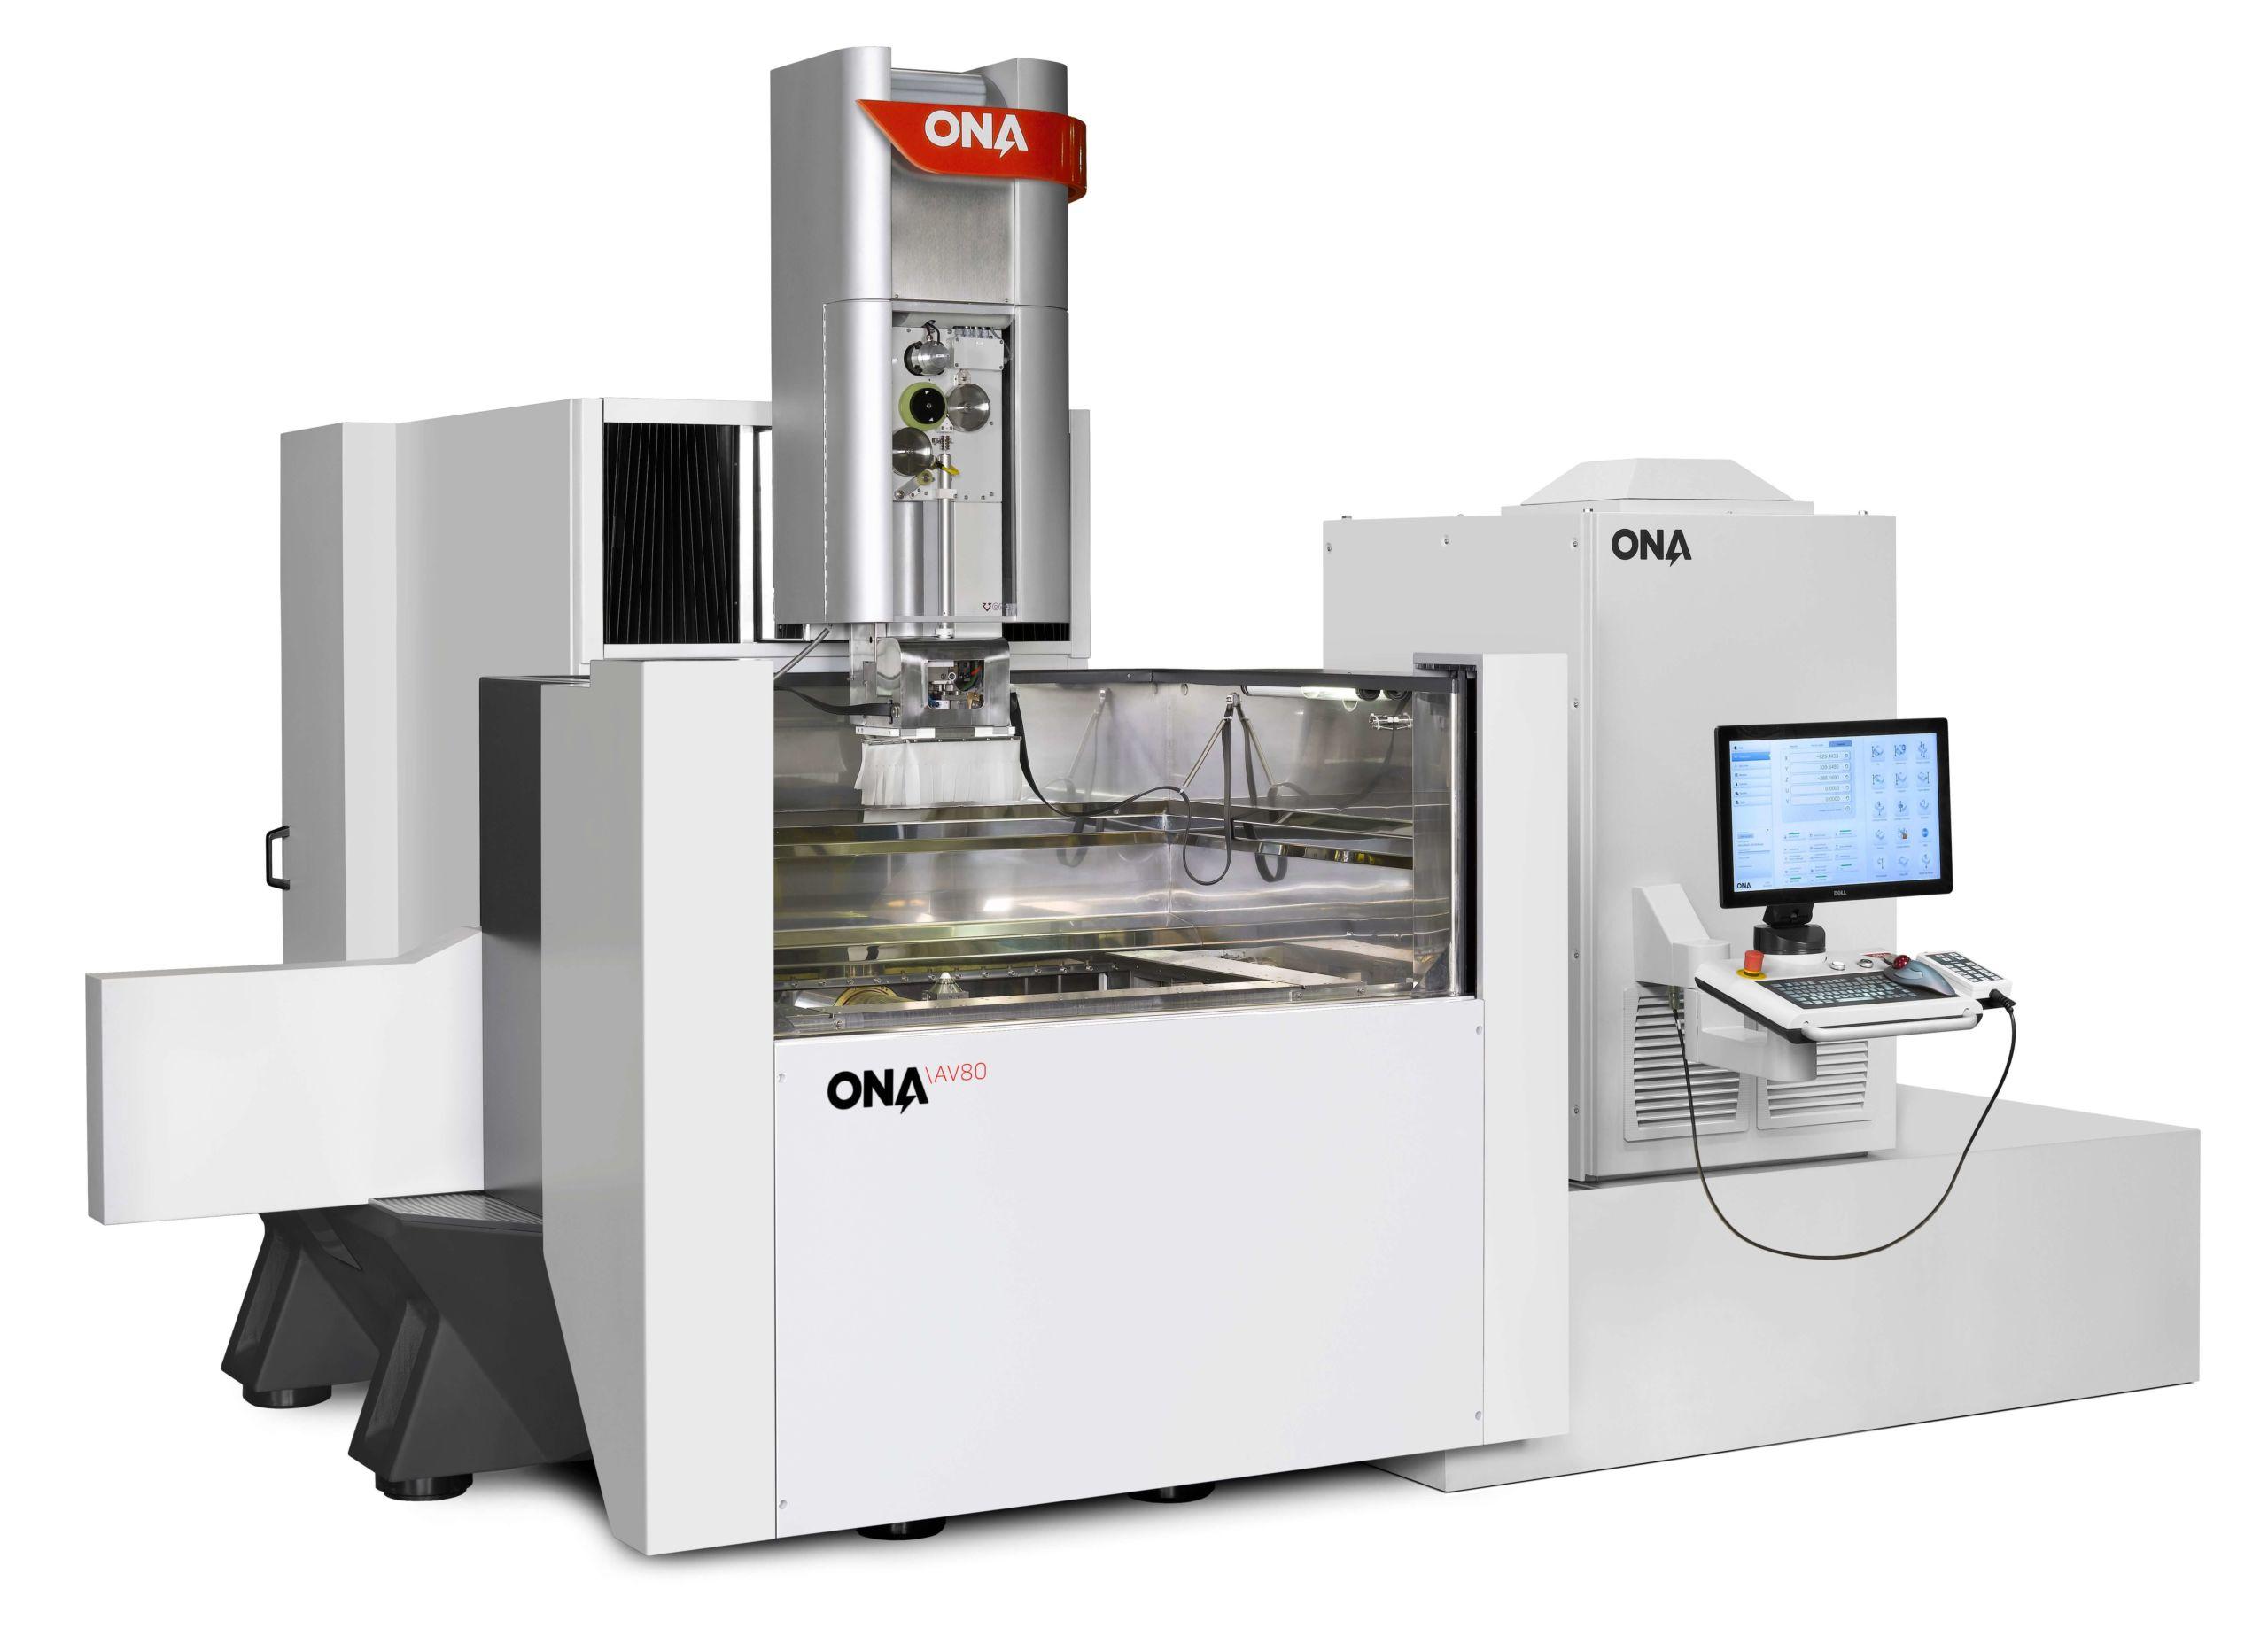 ONA AV80 Image